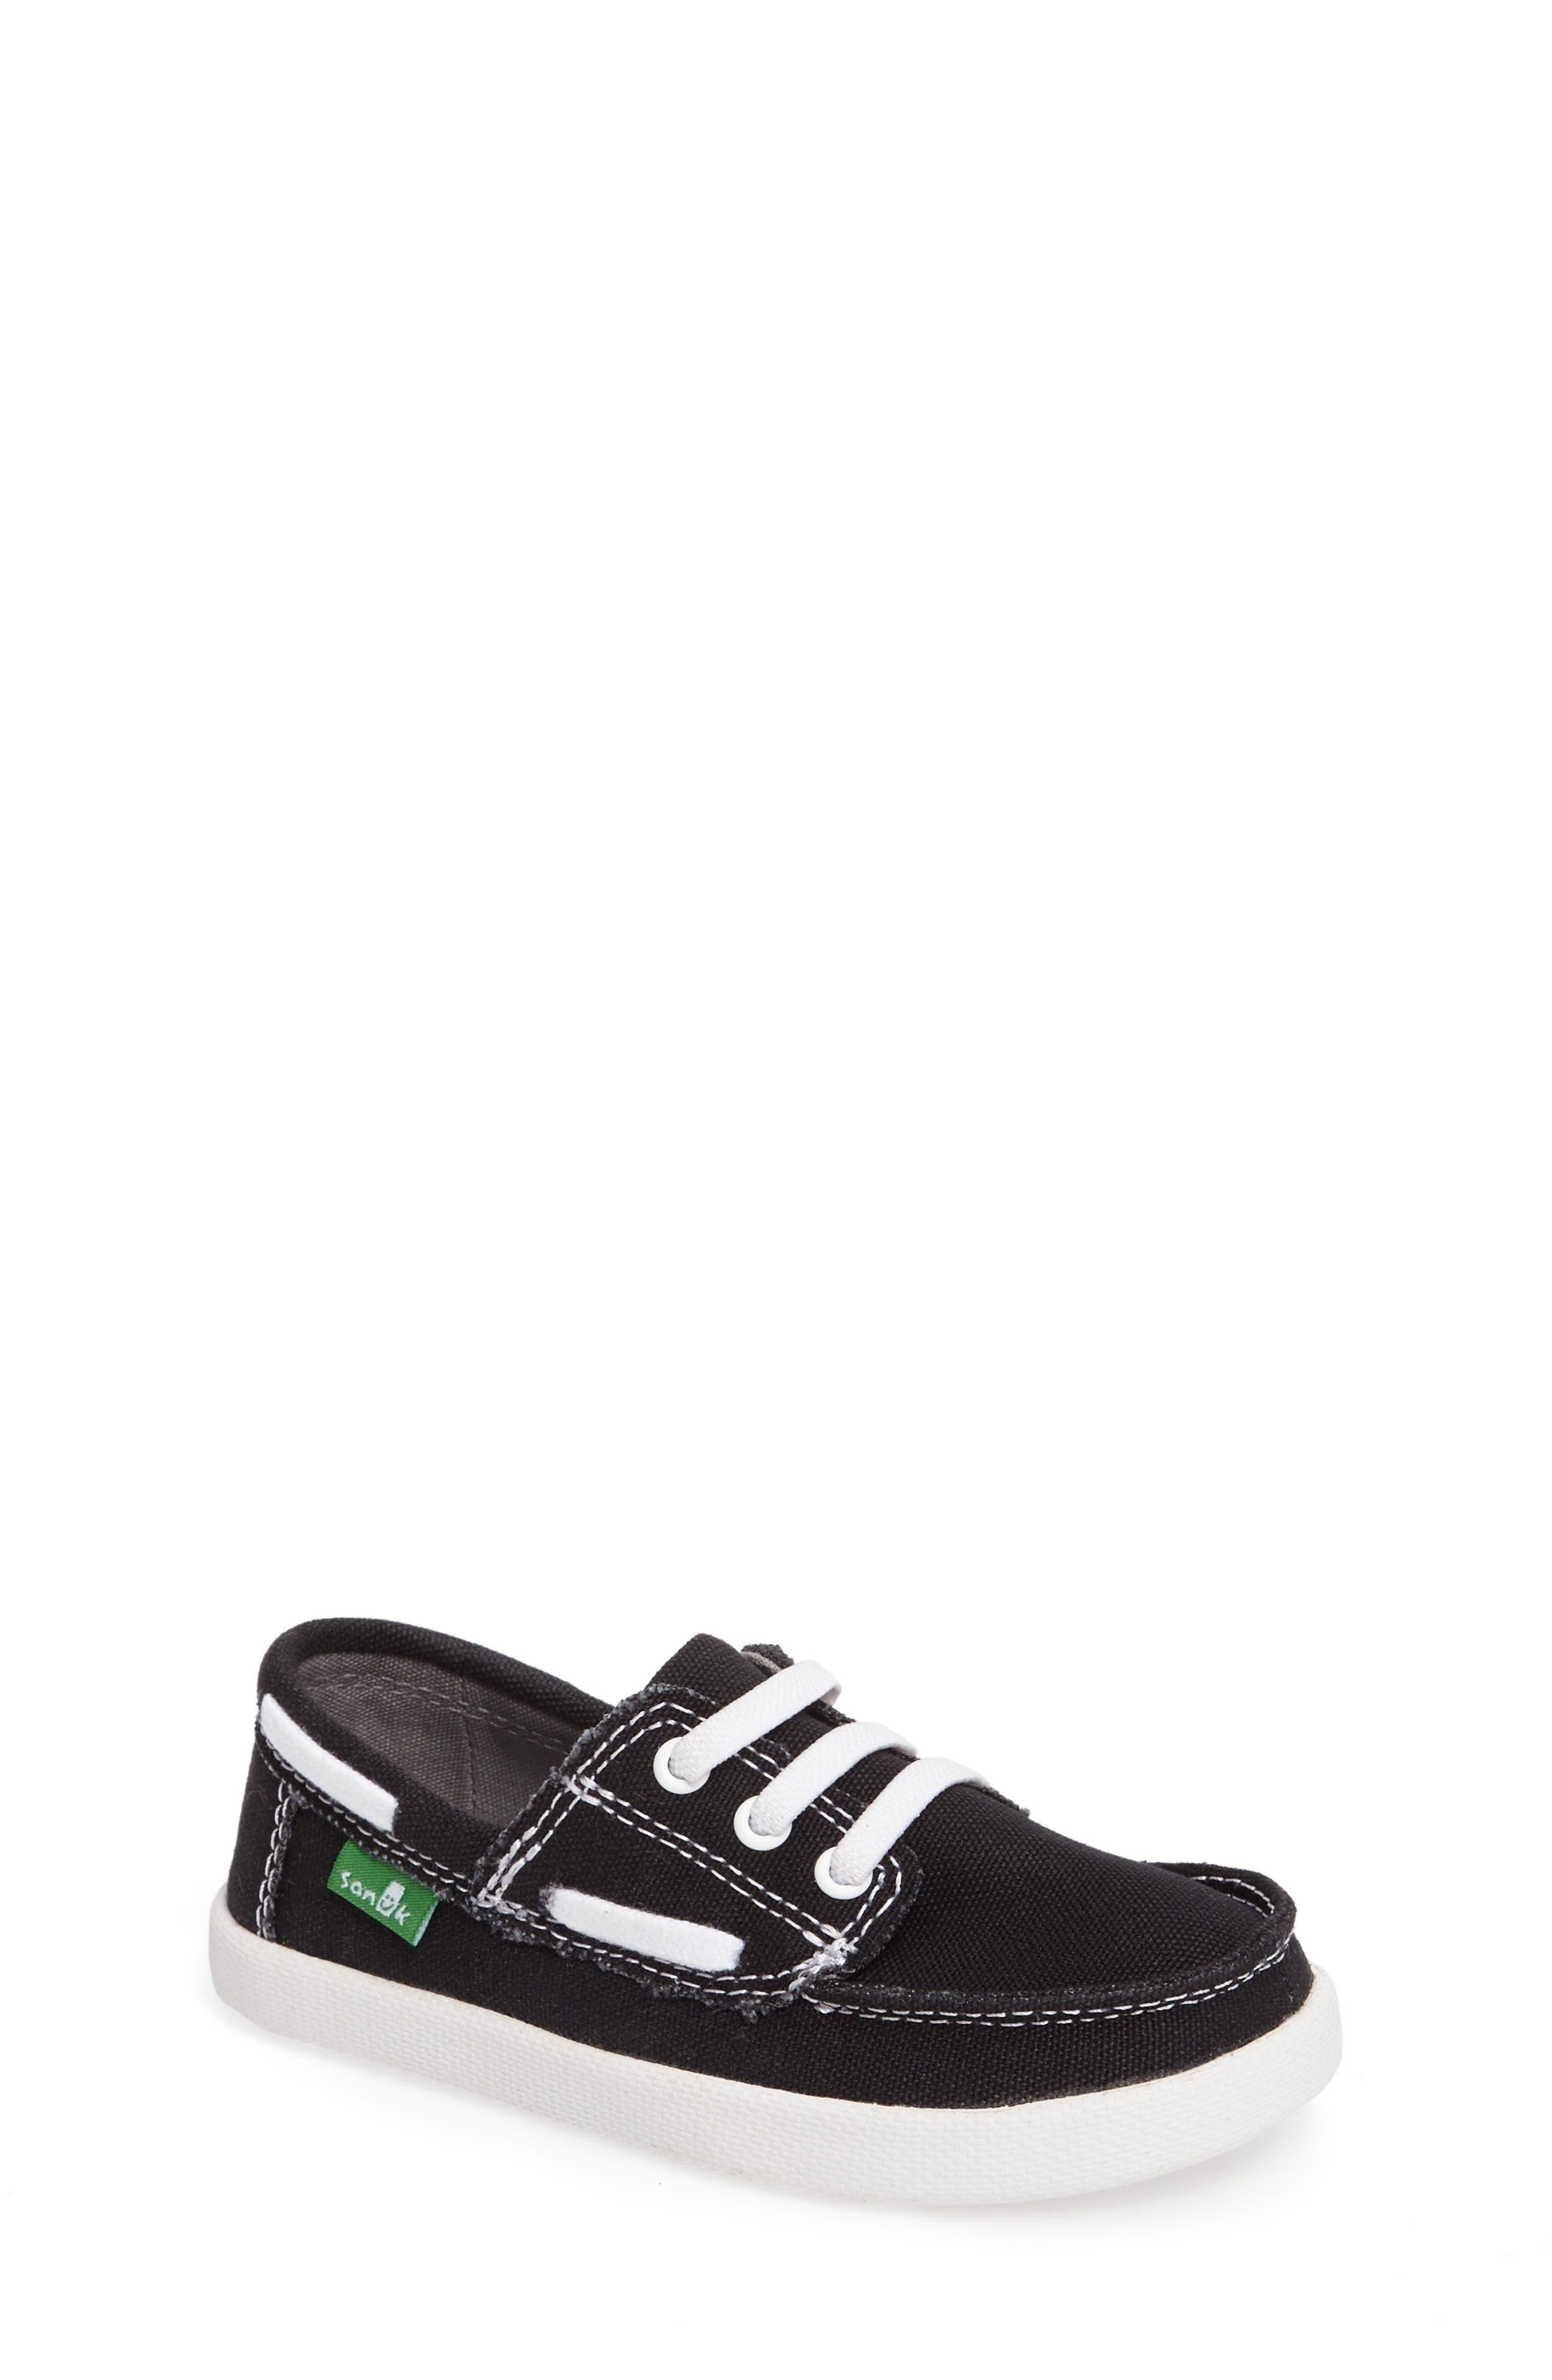 Sanuk Lil Deck Hand Slip-On Sneaker (Toddler, Little Kid & Big Kid)